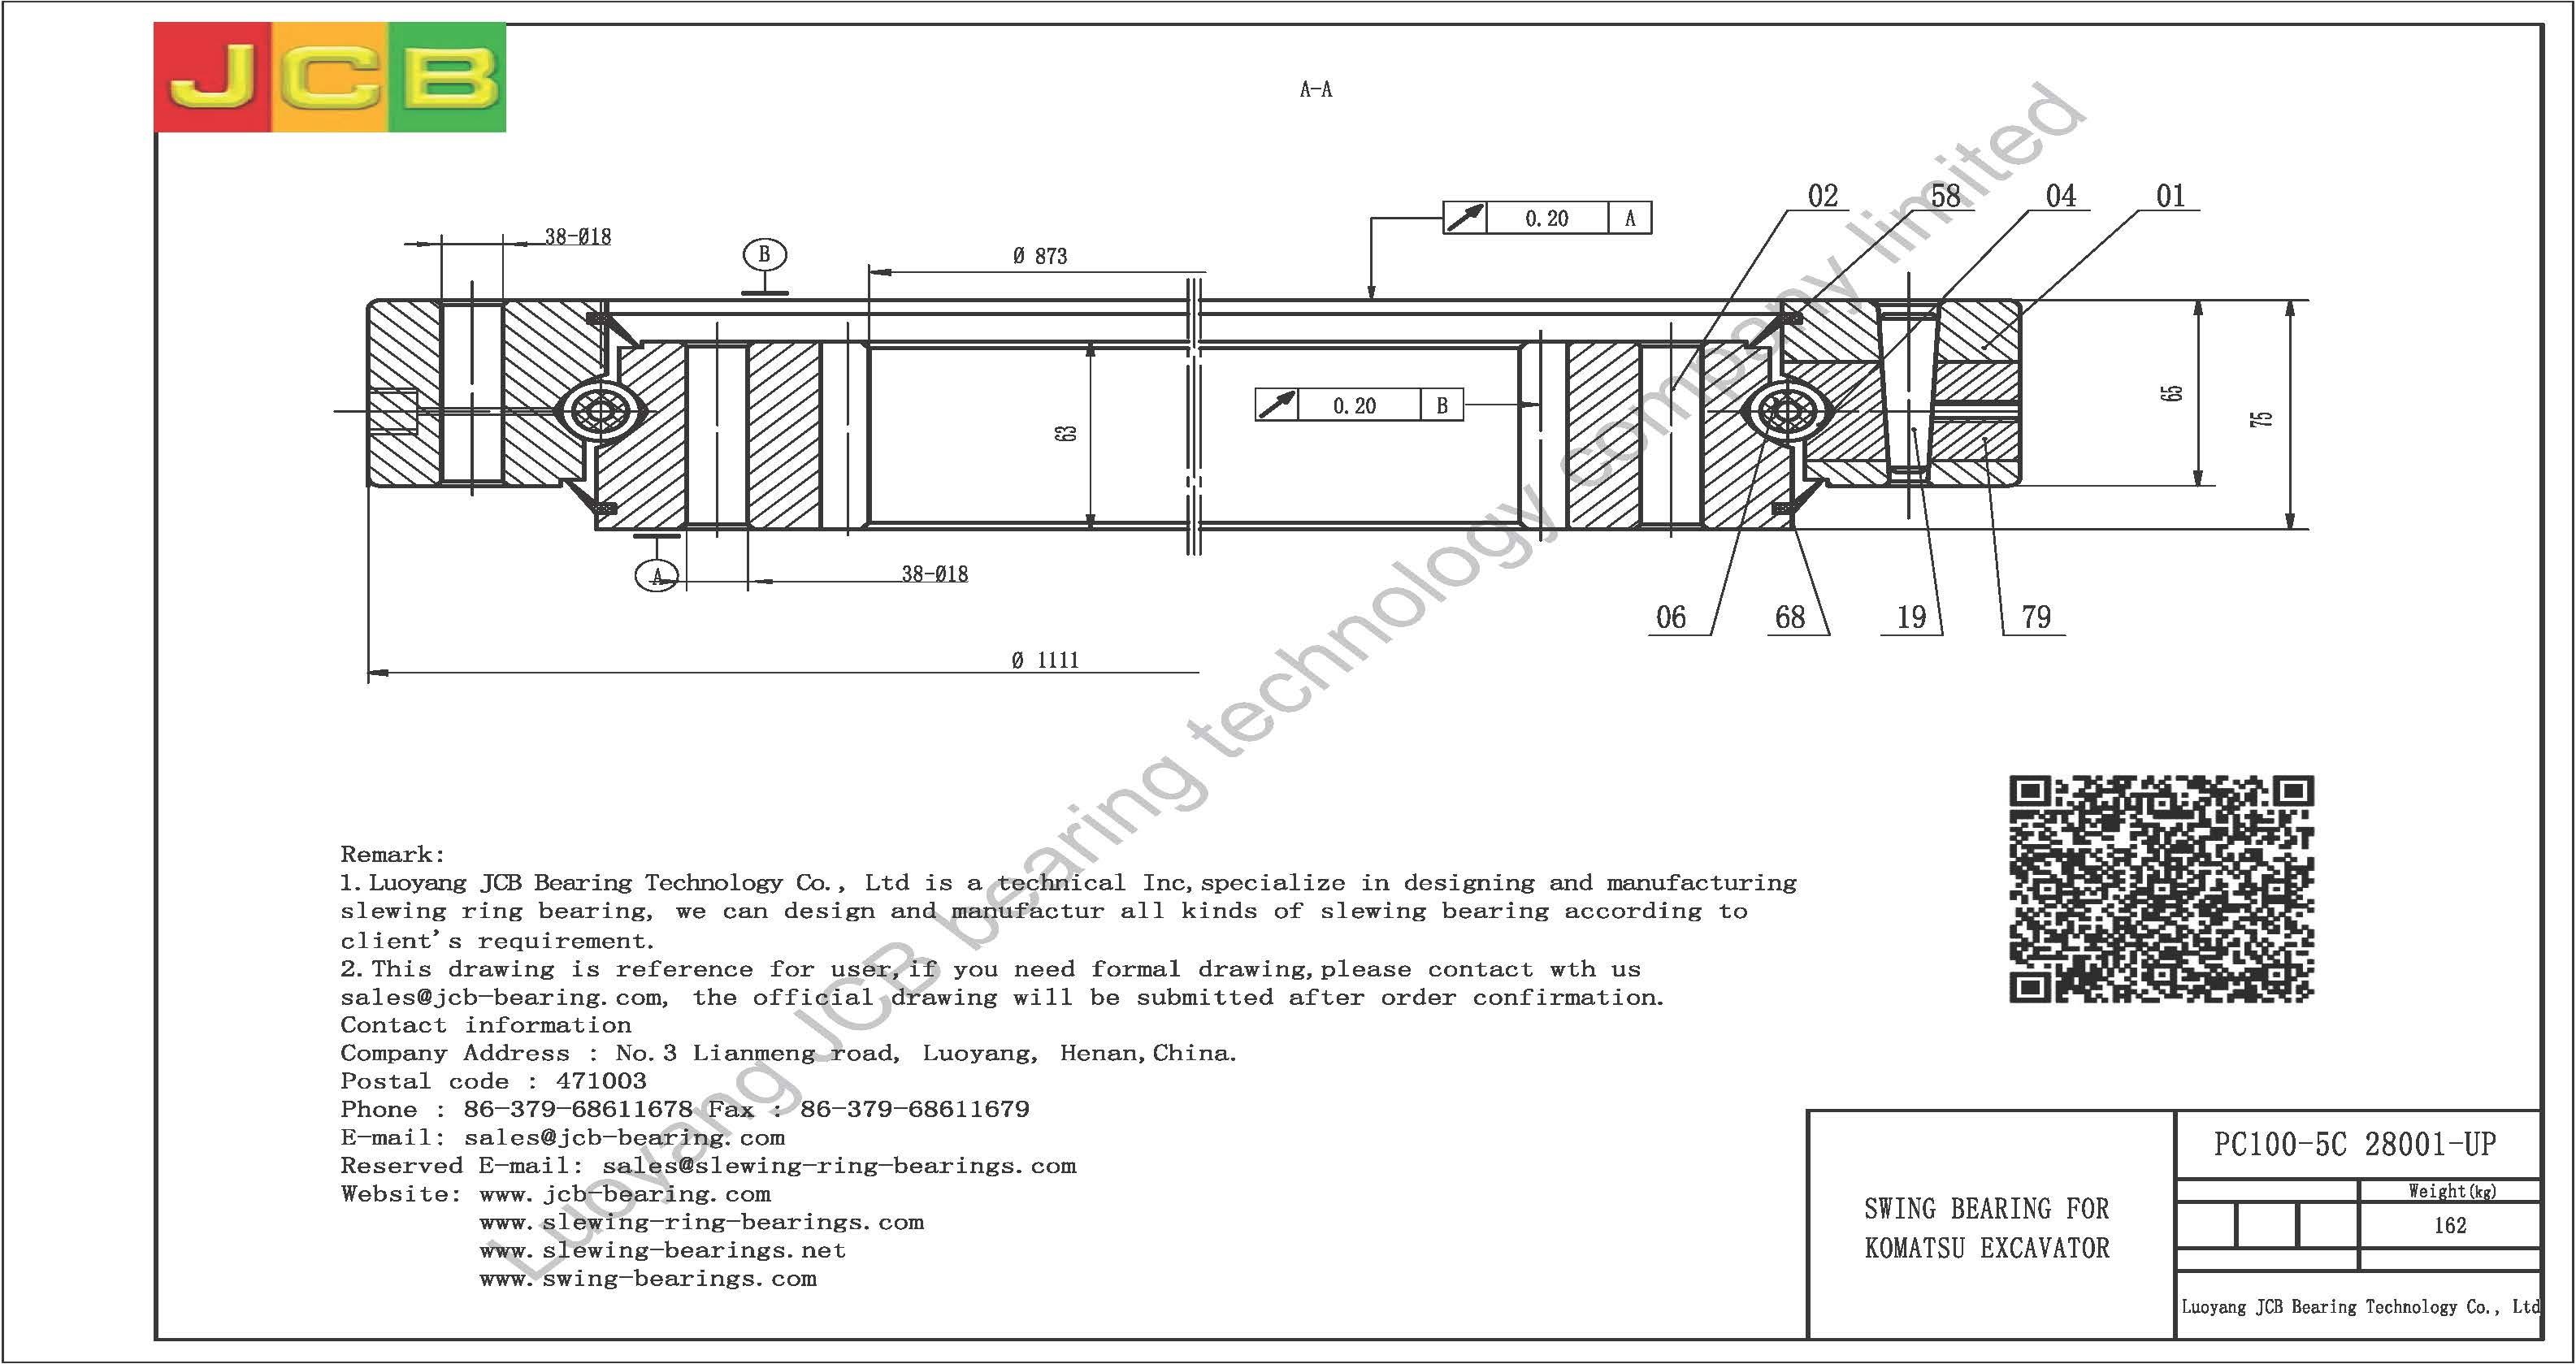 Swing Bearing For Excavator Pc100 5c28001 Up Schematic Komatsu 5c 28001